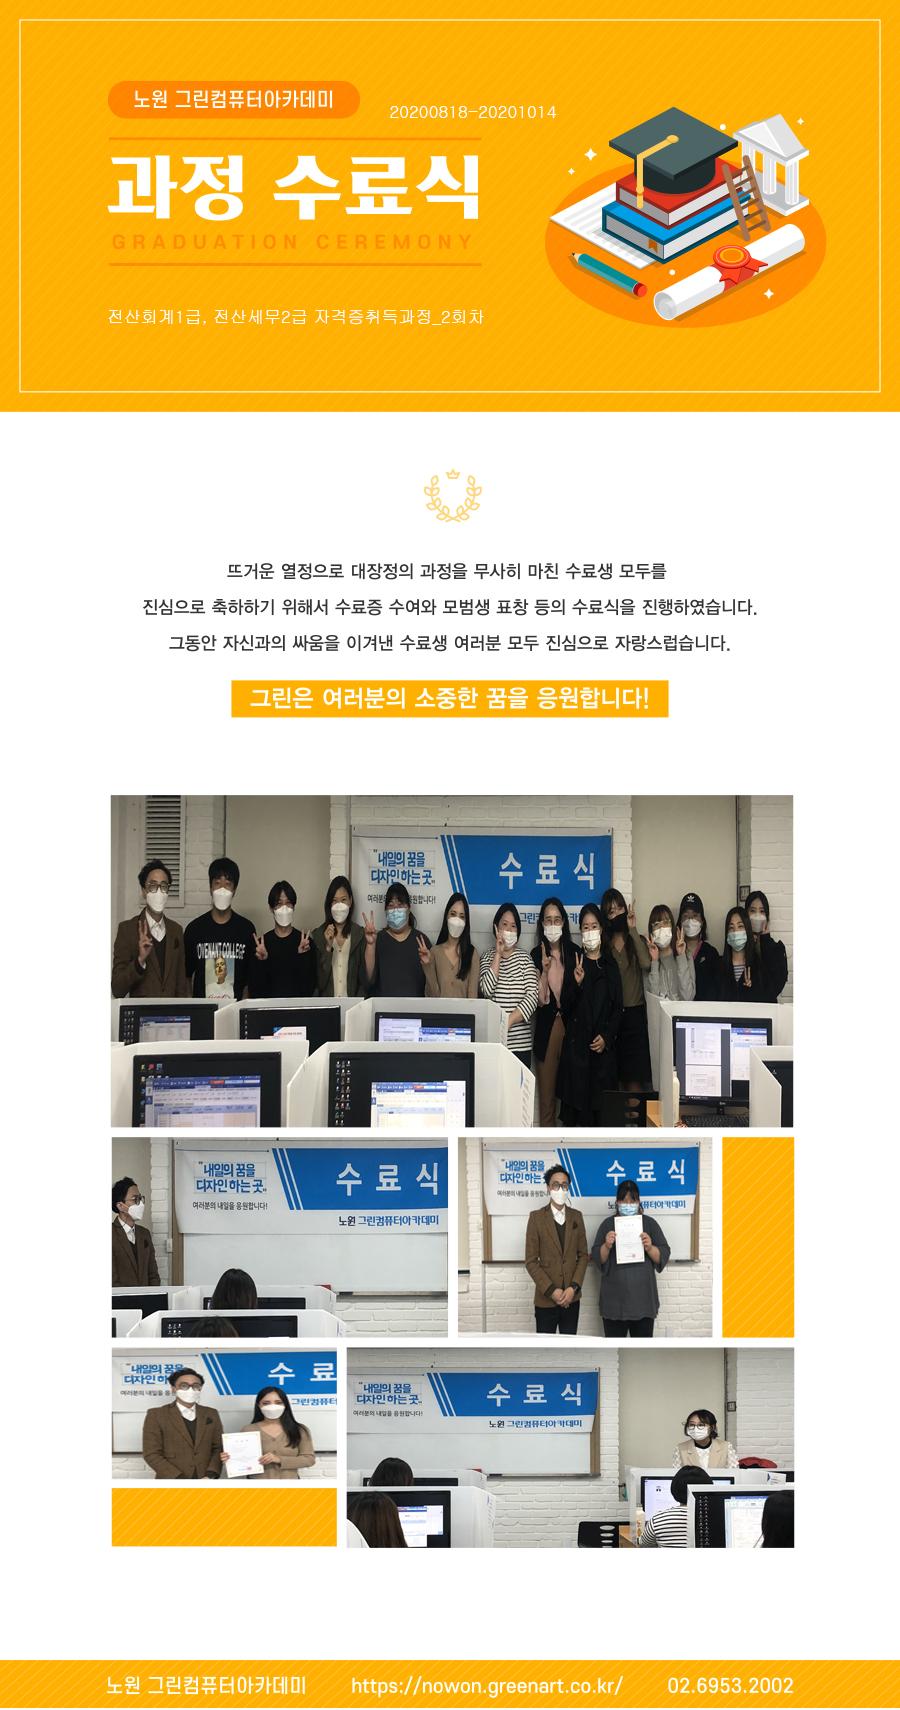 [노원캠퍼스]전산회계1급, 전산세무2급 자격증취득과정_2회차_수료식